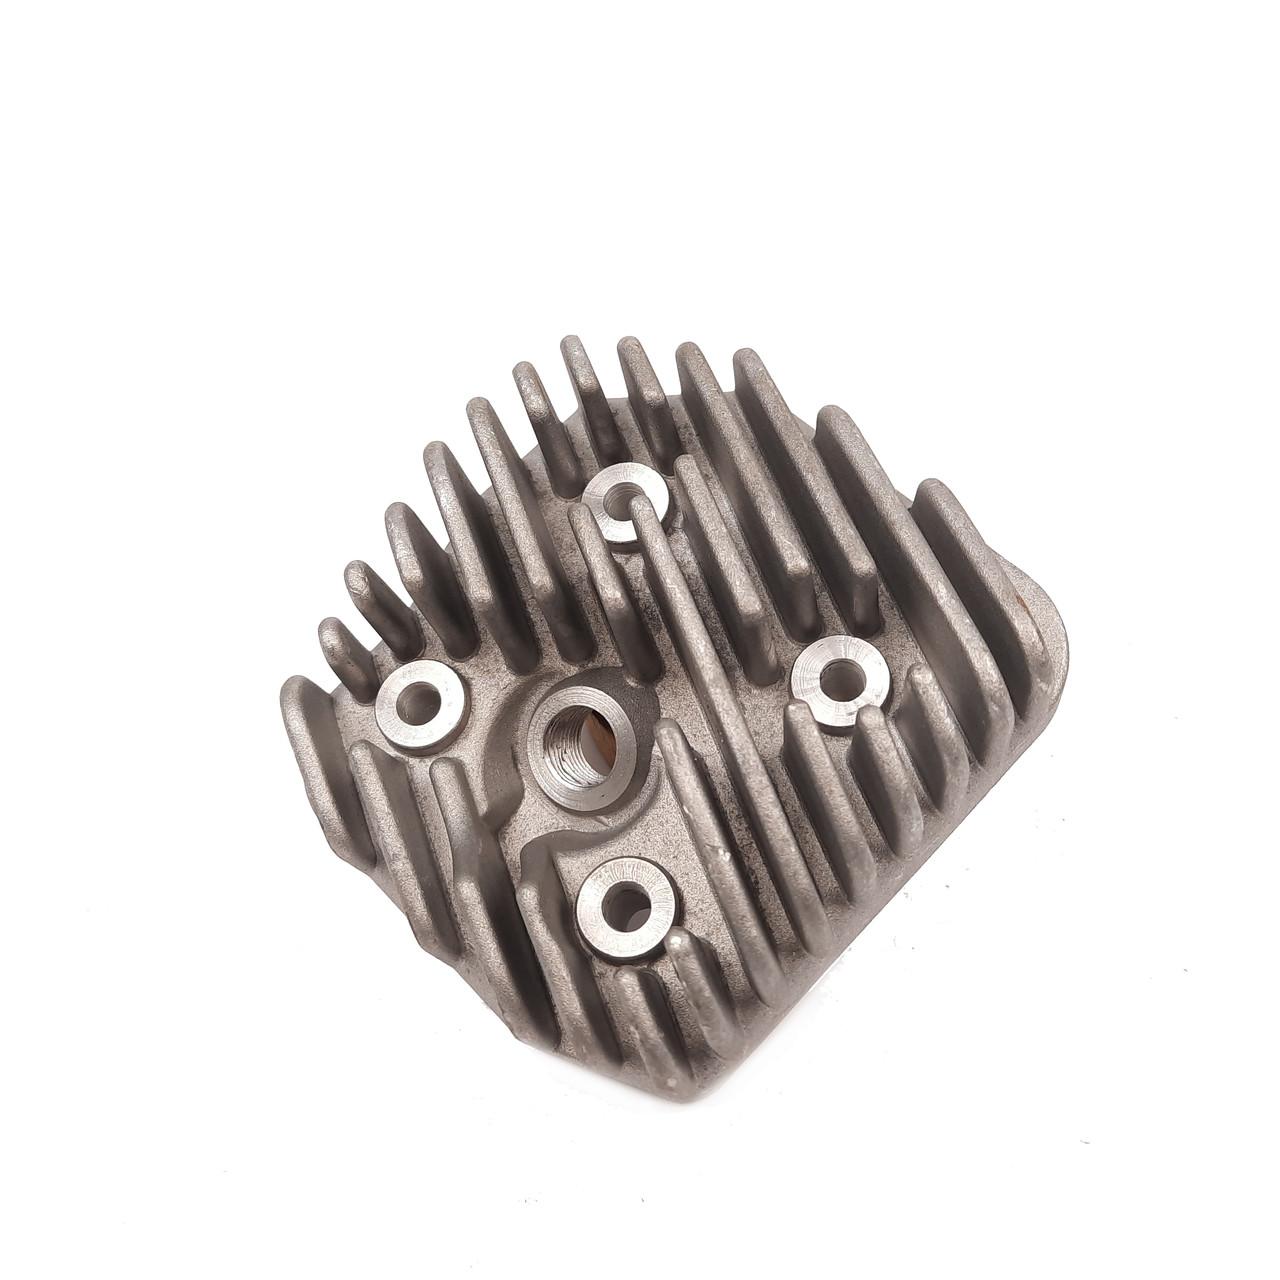 Головка цилиндра Honda DIO 18/27/28 d44 (65cc) STEEL MARK